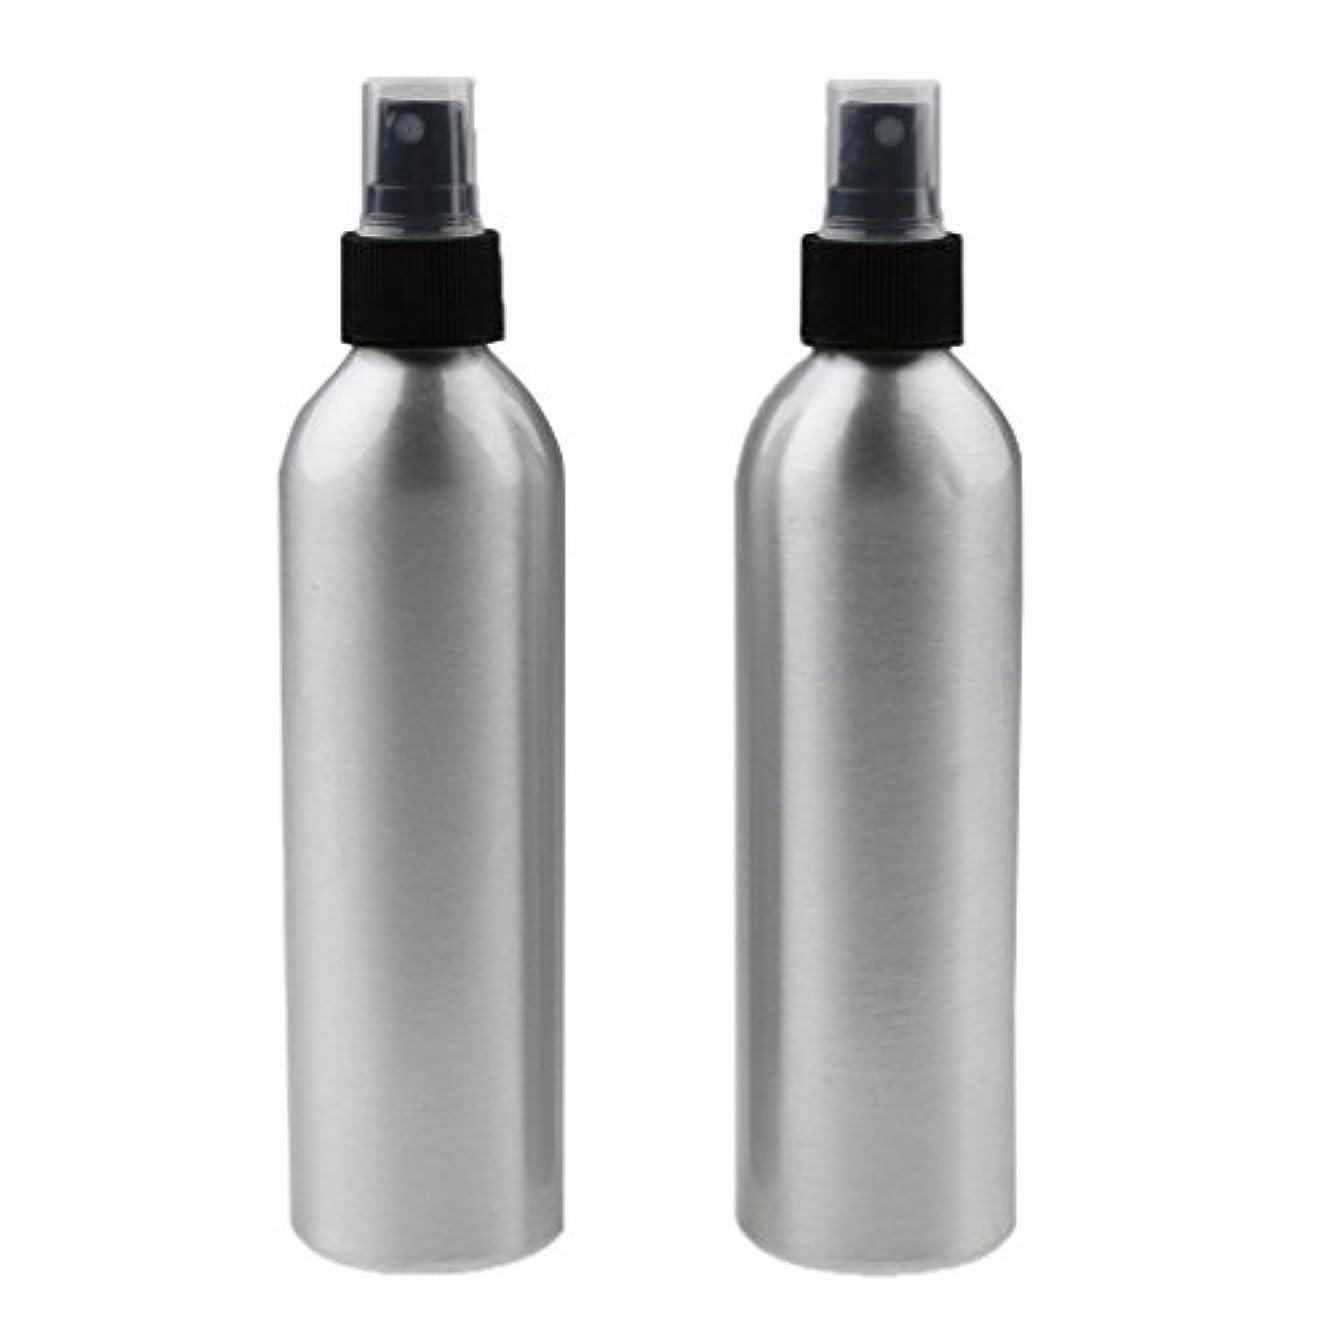 ミシン要求するやむを得ないSONONIA 2個入り 旅行 アルミ ミスト スプレー 香水ボトル メイクアップ スプレー アトマイザー 小分けボトル  漏れ防止 出張 海外旅行用 全4サイズ - 250ml